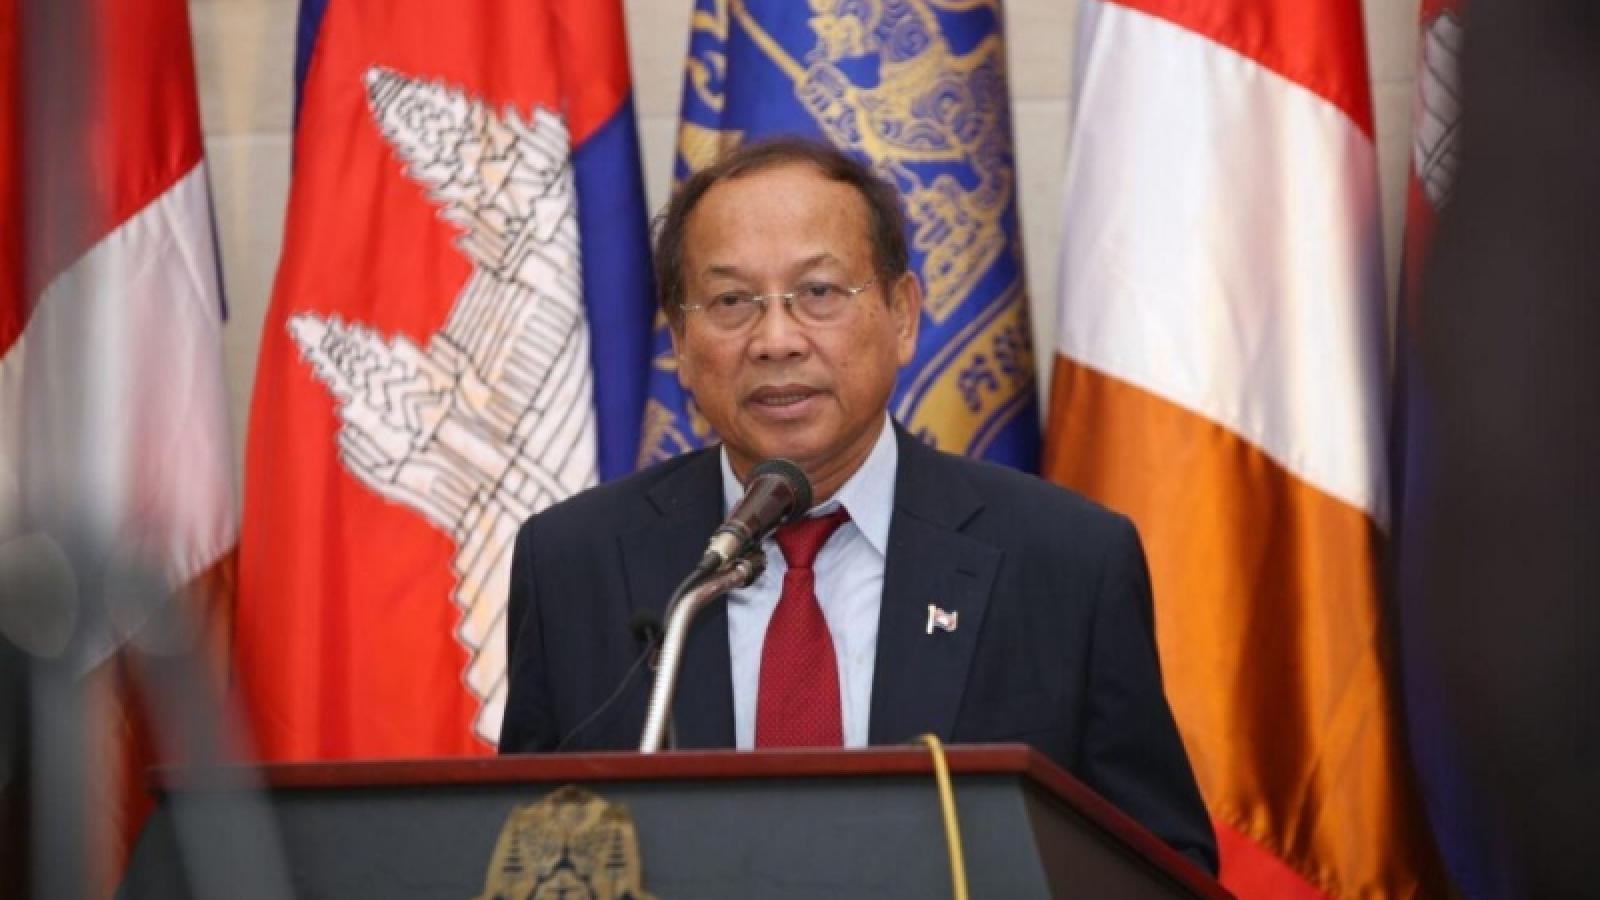 Campuchia bác bỏ cáo buộc về căn cứ của Trung Quốc tại quân cảng Ream